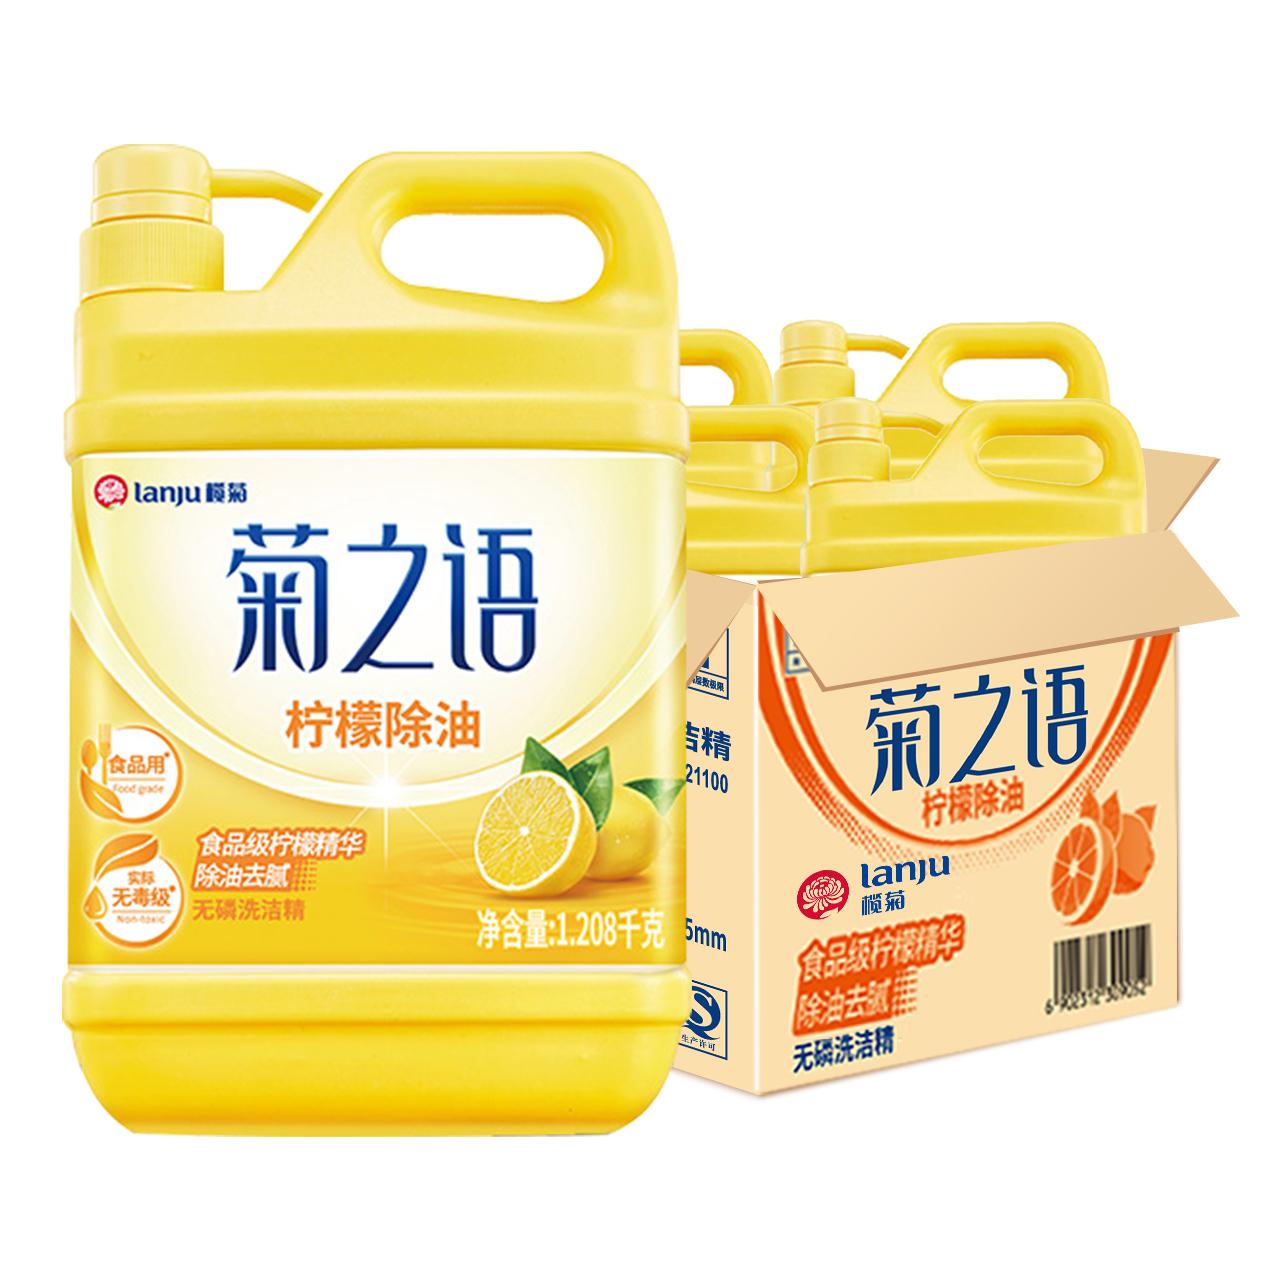 【拍2件】榄菊菊之语洗洁精家庭装1.208kg*8